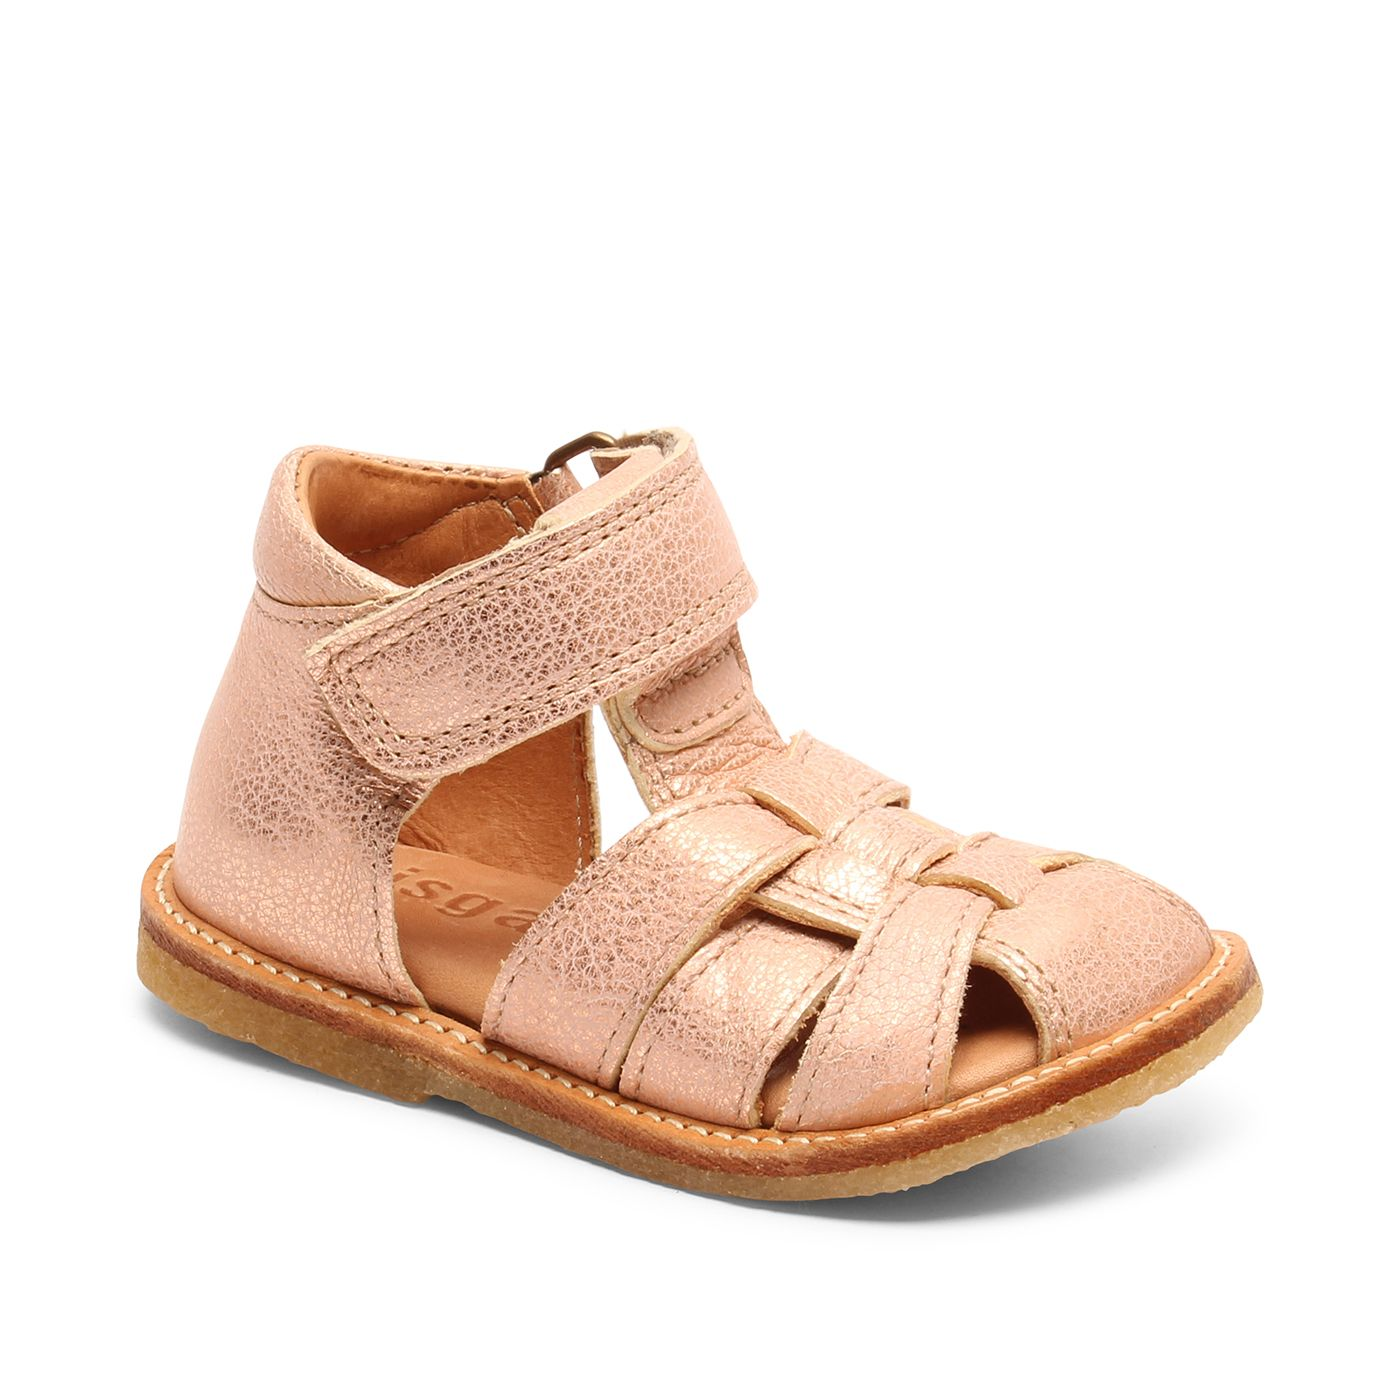 Bisgaard sandal, rose gold